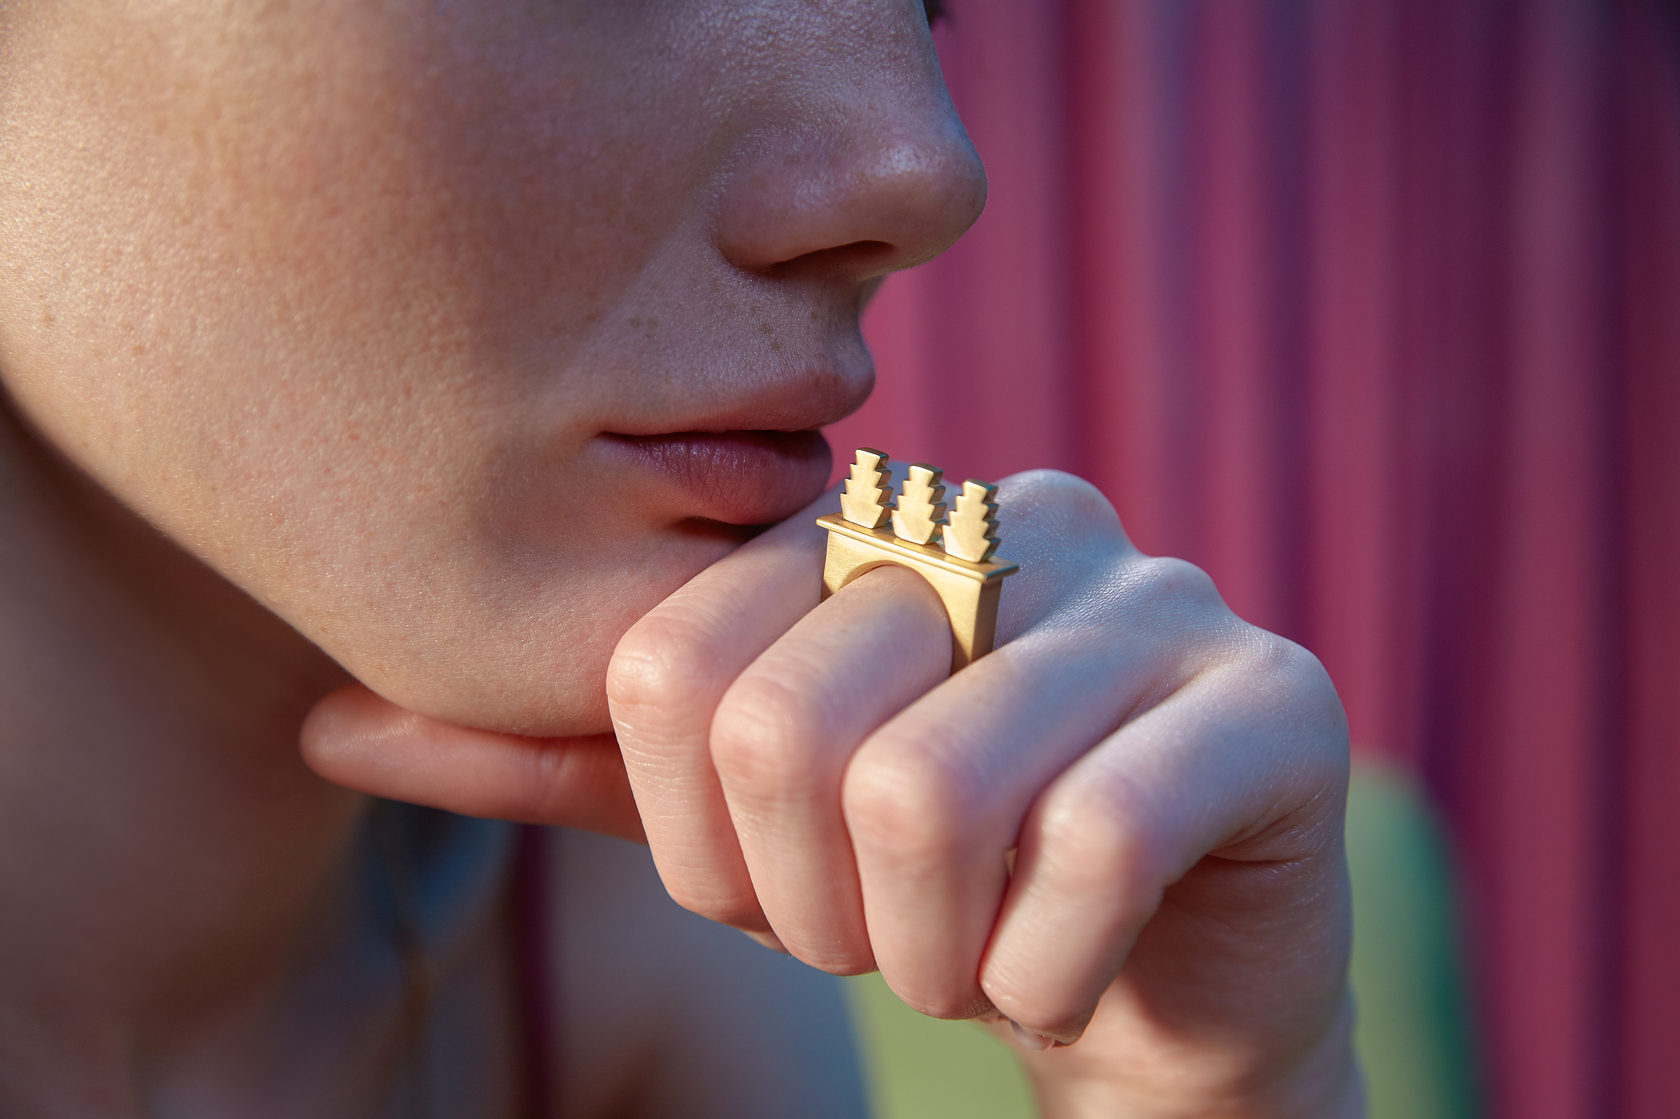 Крупные золотые, серебреные и позолоченные украшения. Кольцо, архитектурные мотивы. Впечатление, эгоизм, индивидуальность.